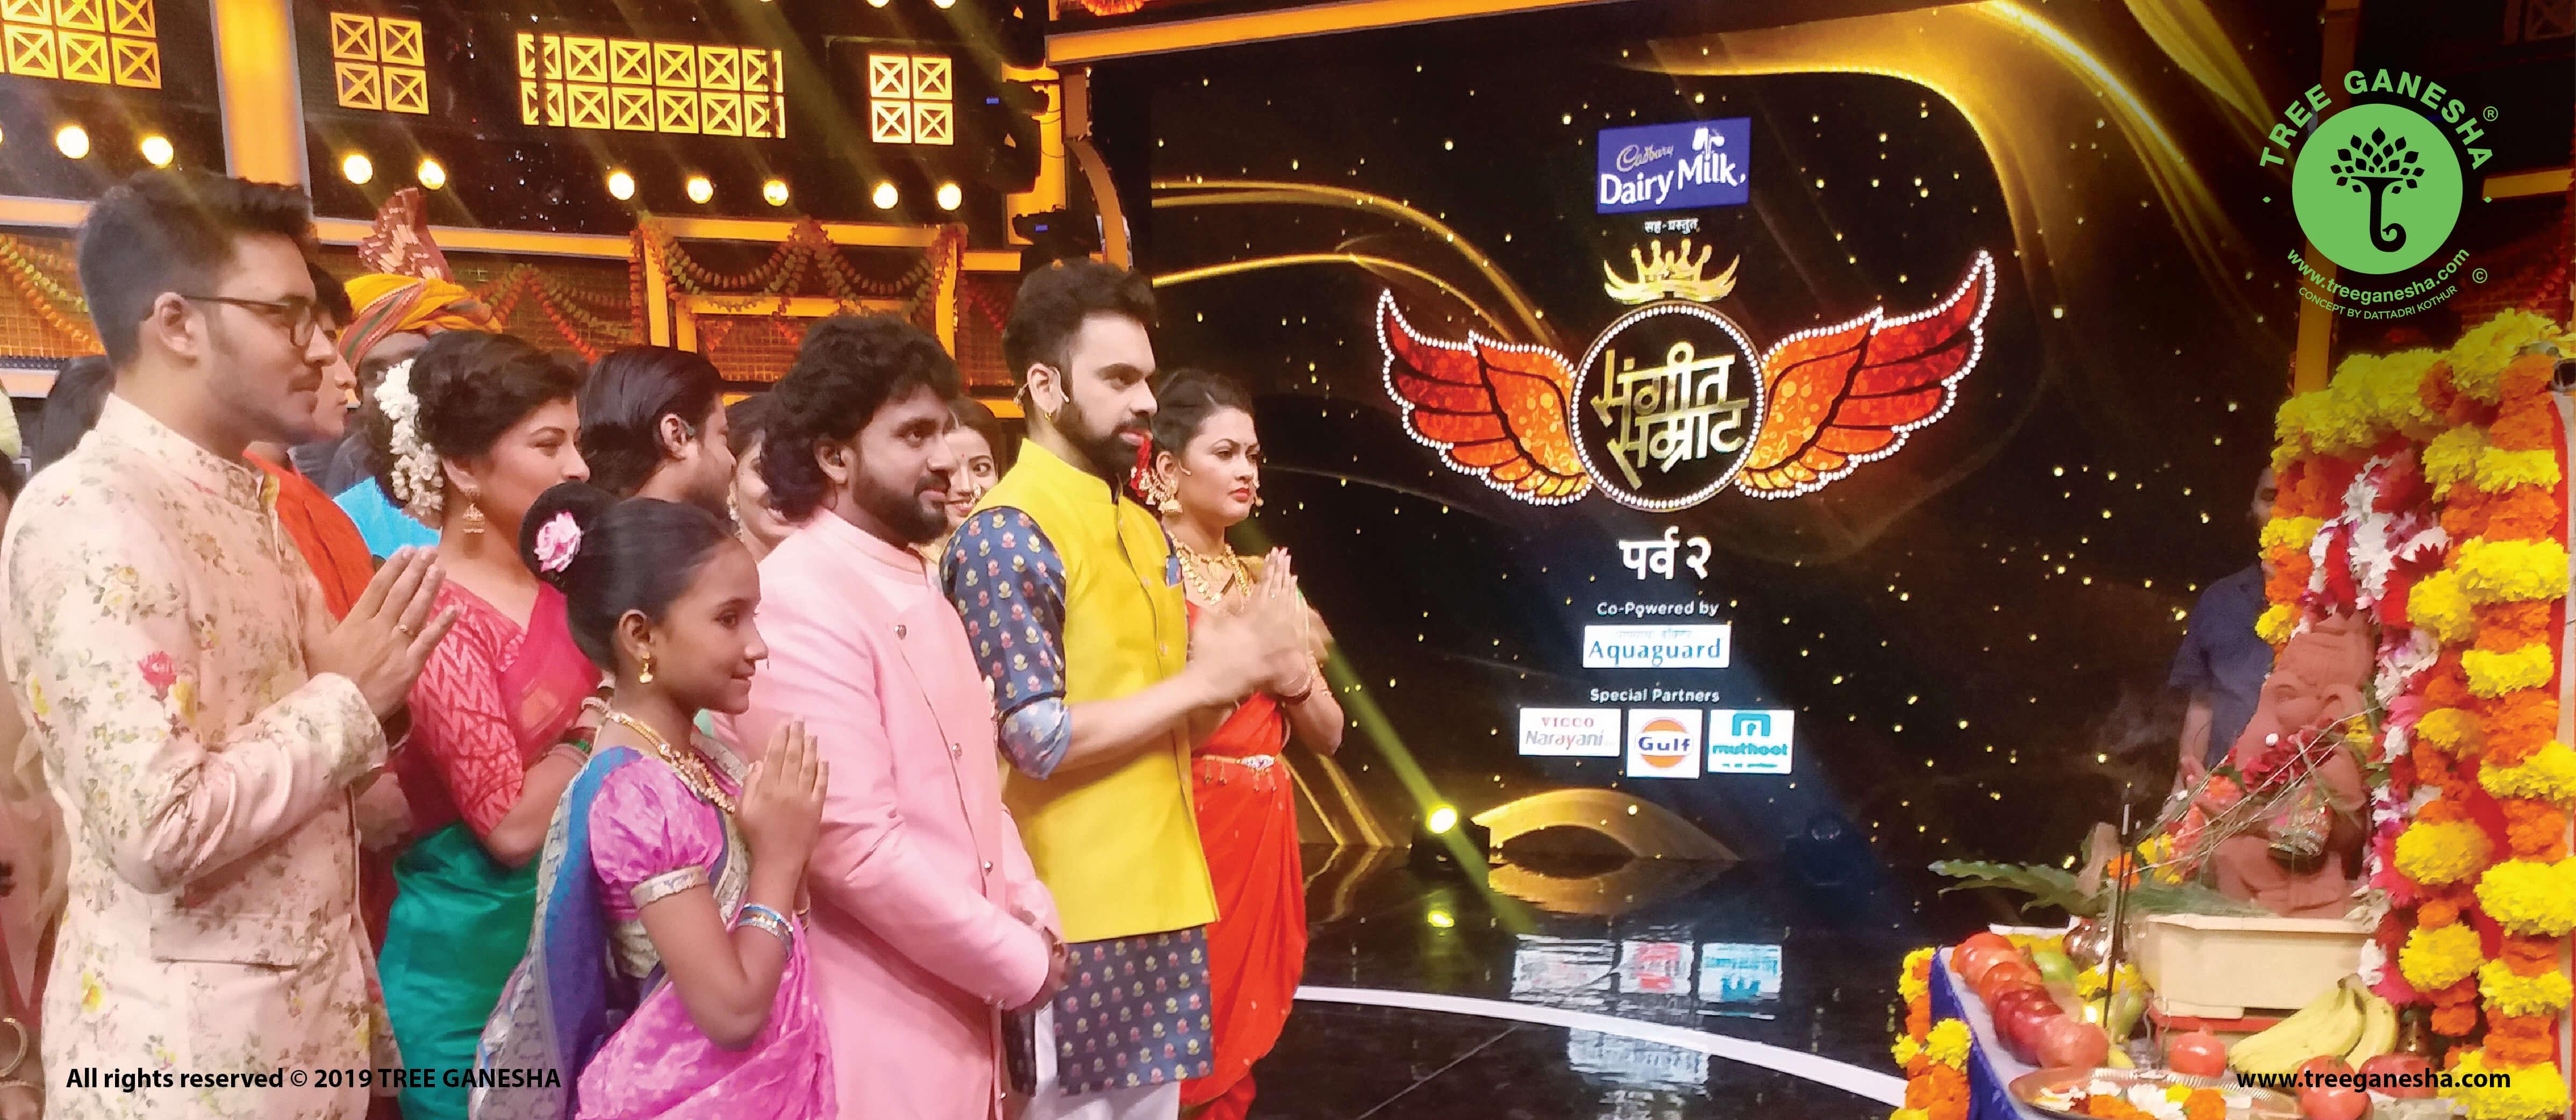 Marathi reality show Sangeet Samrat praised the concept of Tree Ganesha